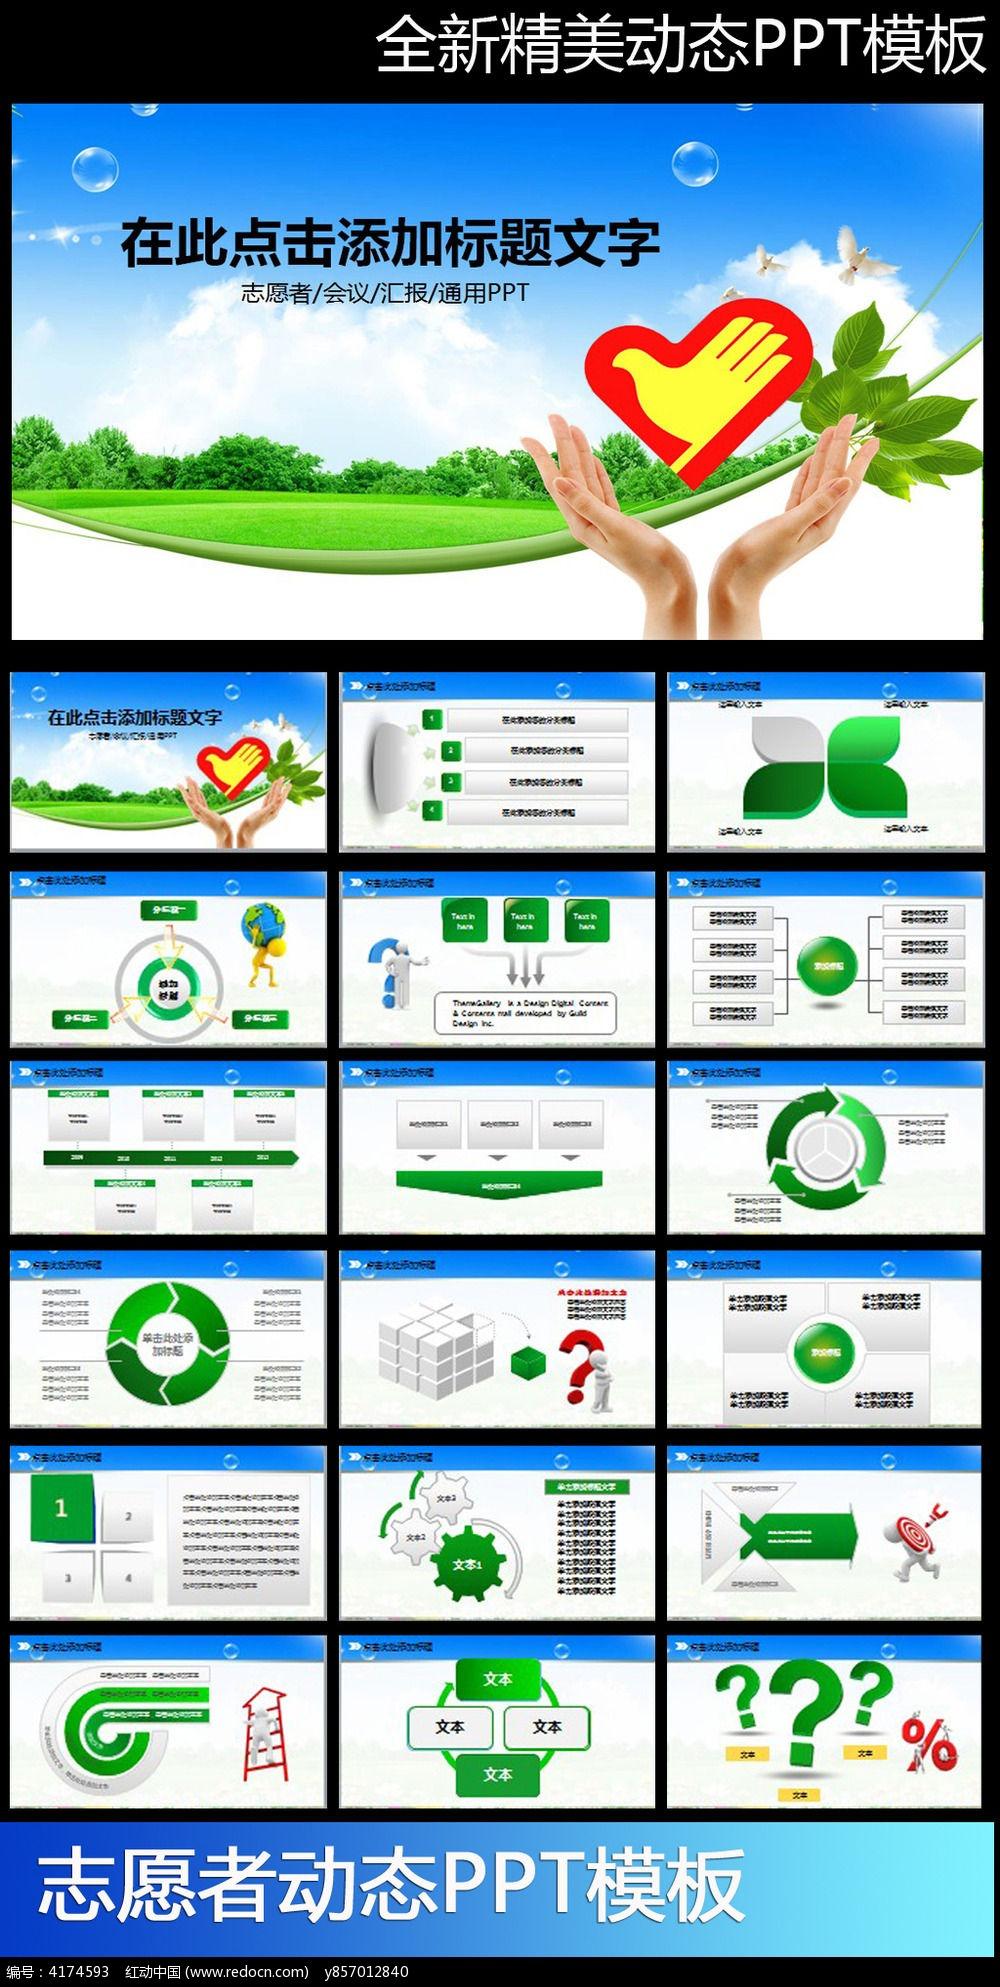 54青年节青年志愿者活动PPT模板图片